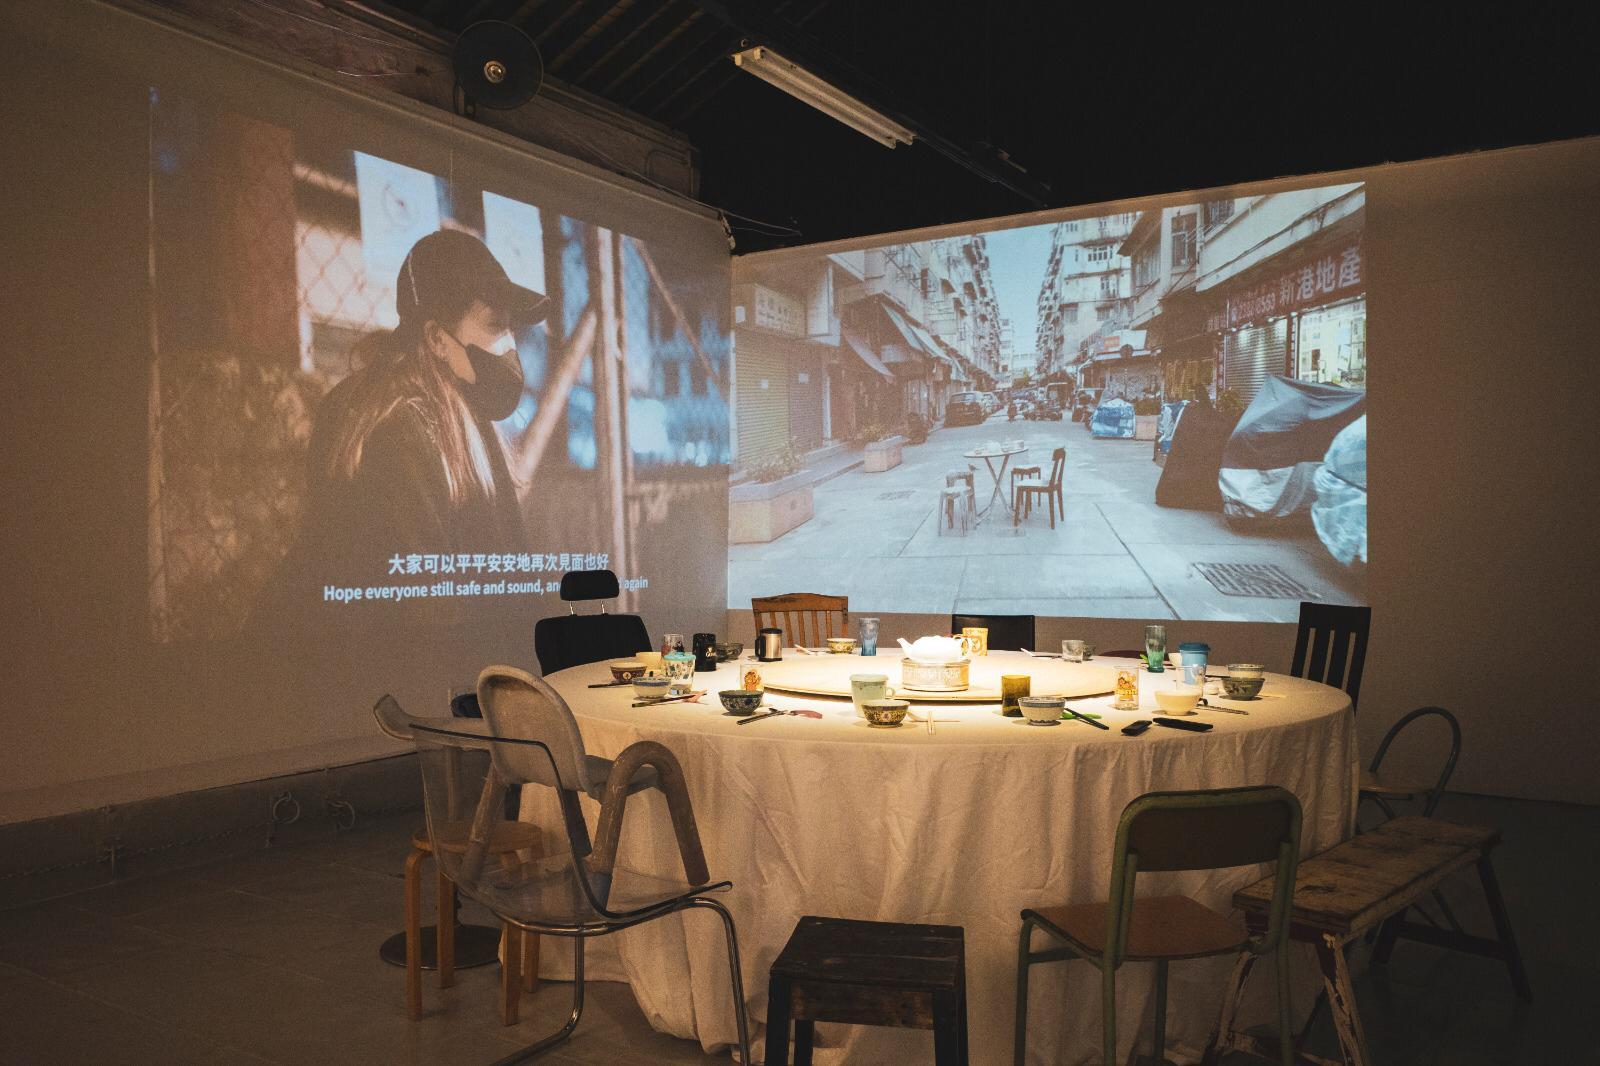 《重「見」重「建」》展覽放置了一張十六人圓桌,並有十六套不同餐具,代表聚合不同的街坊。